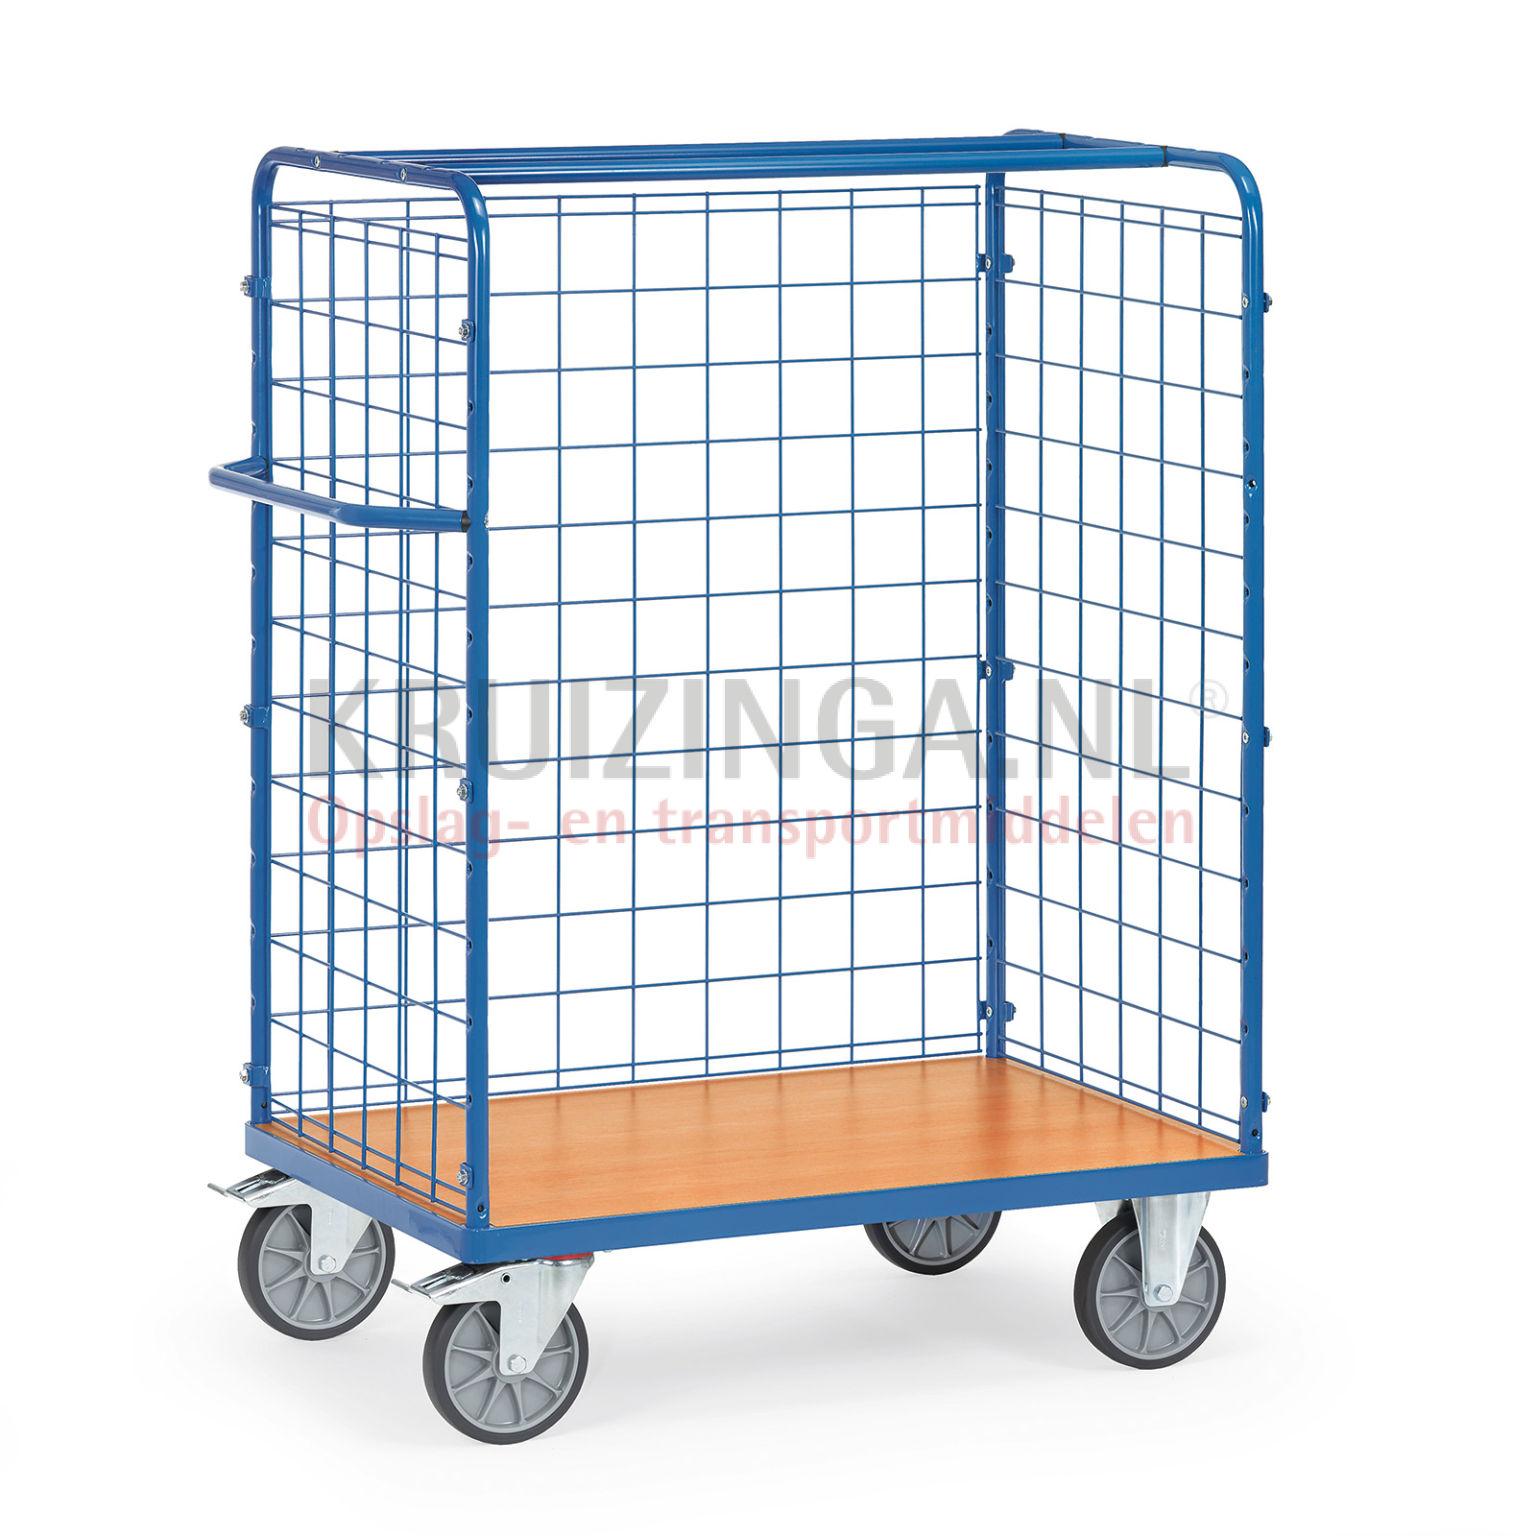 chariots plateaux chariot de manutention chariot pour colis 299 50 frais de livraison inclus. Black Bedroom Furniture Sets. Home Design Ideas